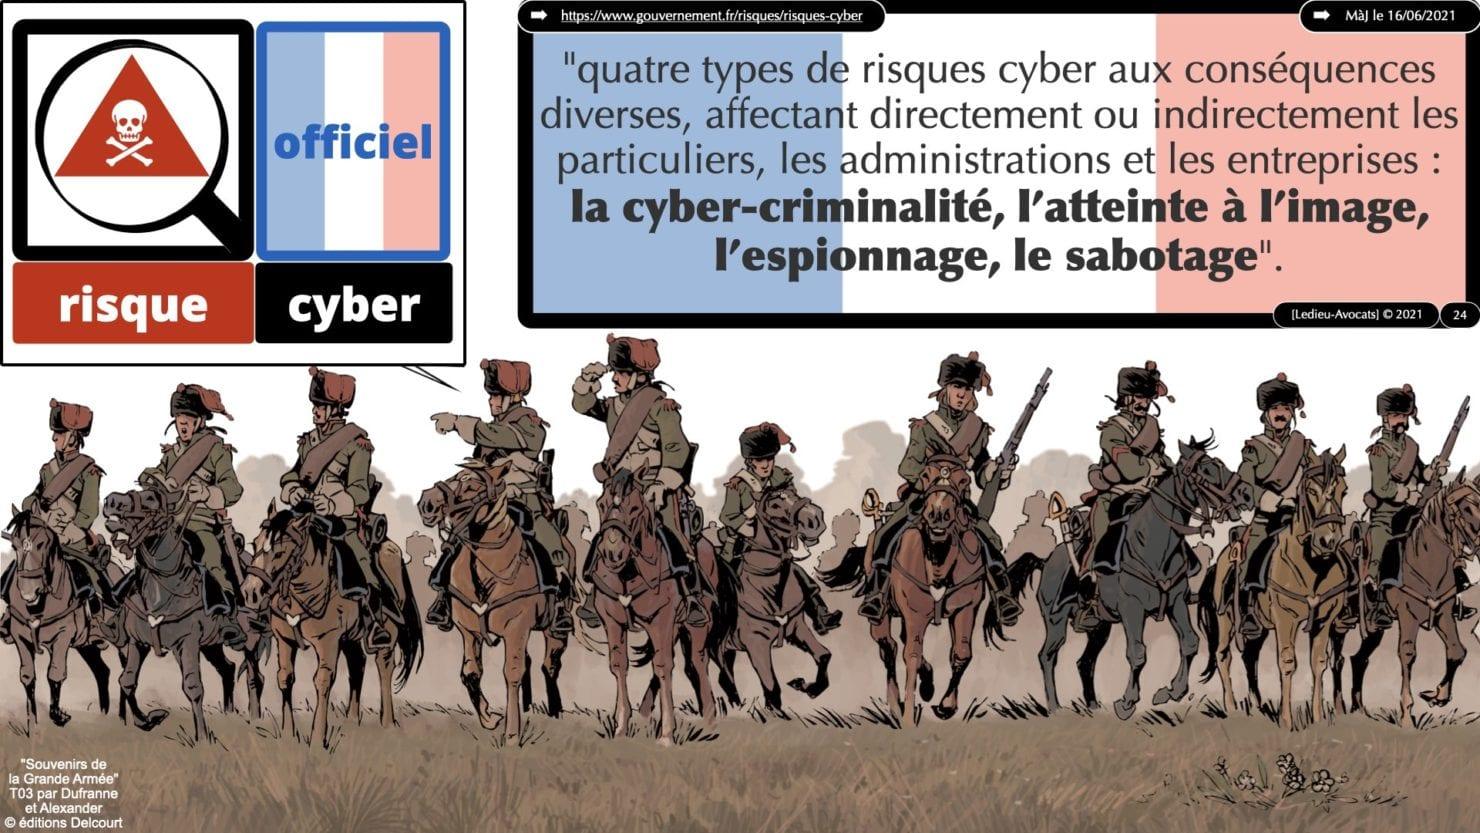 342 cyber sécurité #2 OIV OSE analyse risque EBIOS RM © Ledieu-avocat 15-07-2021.024